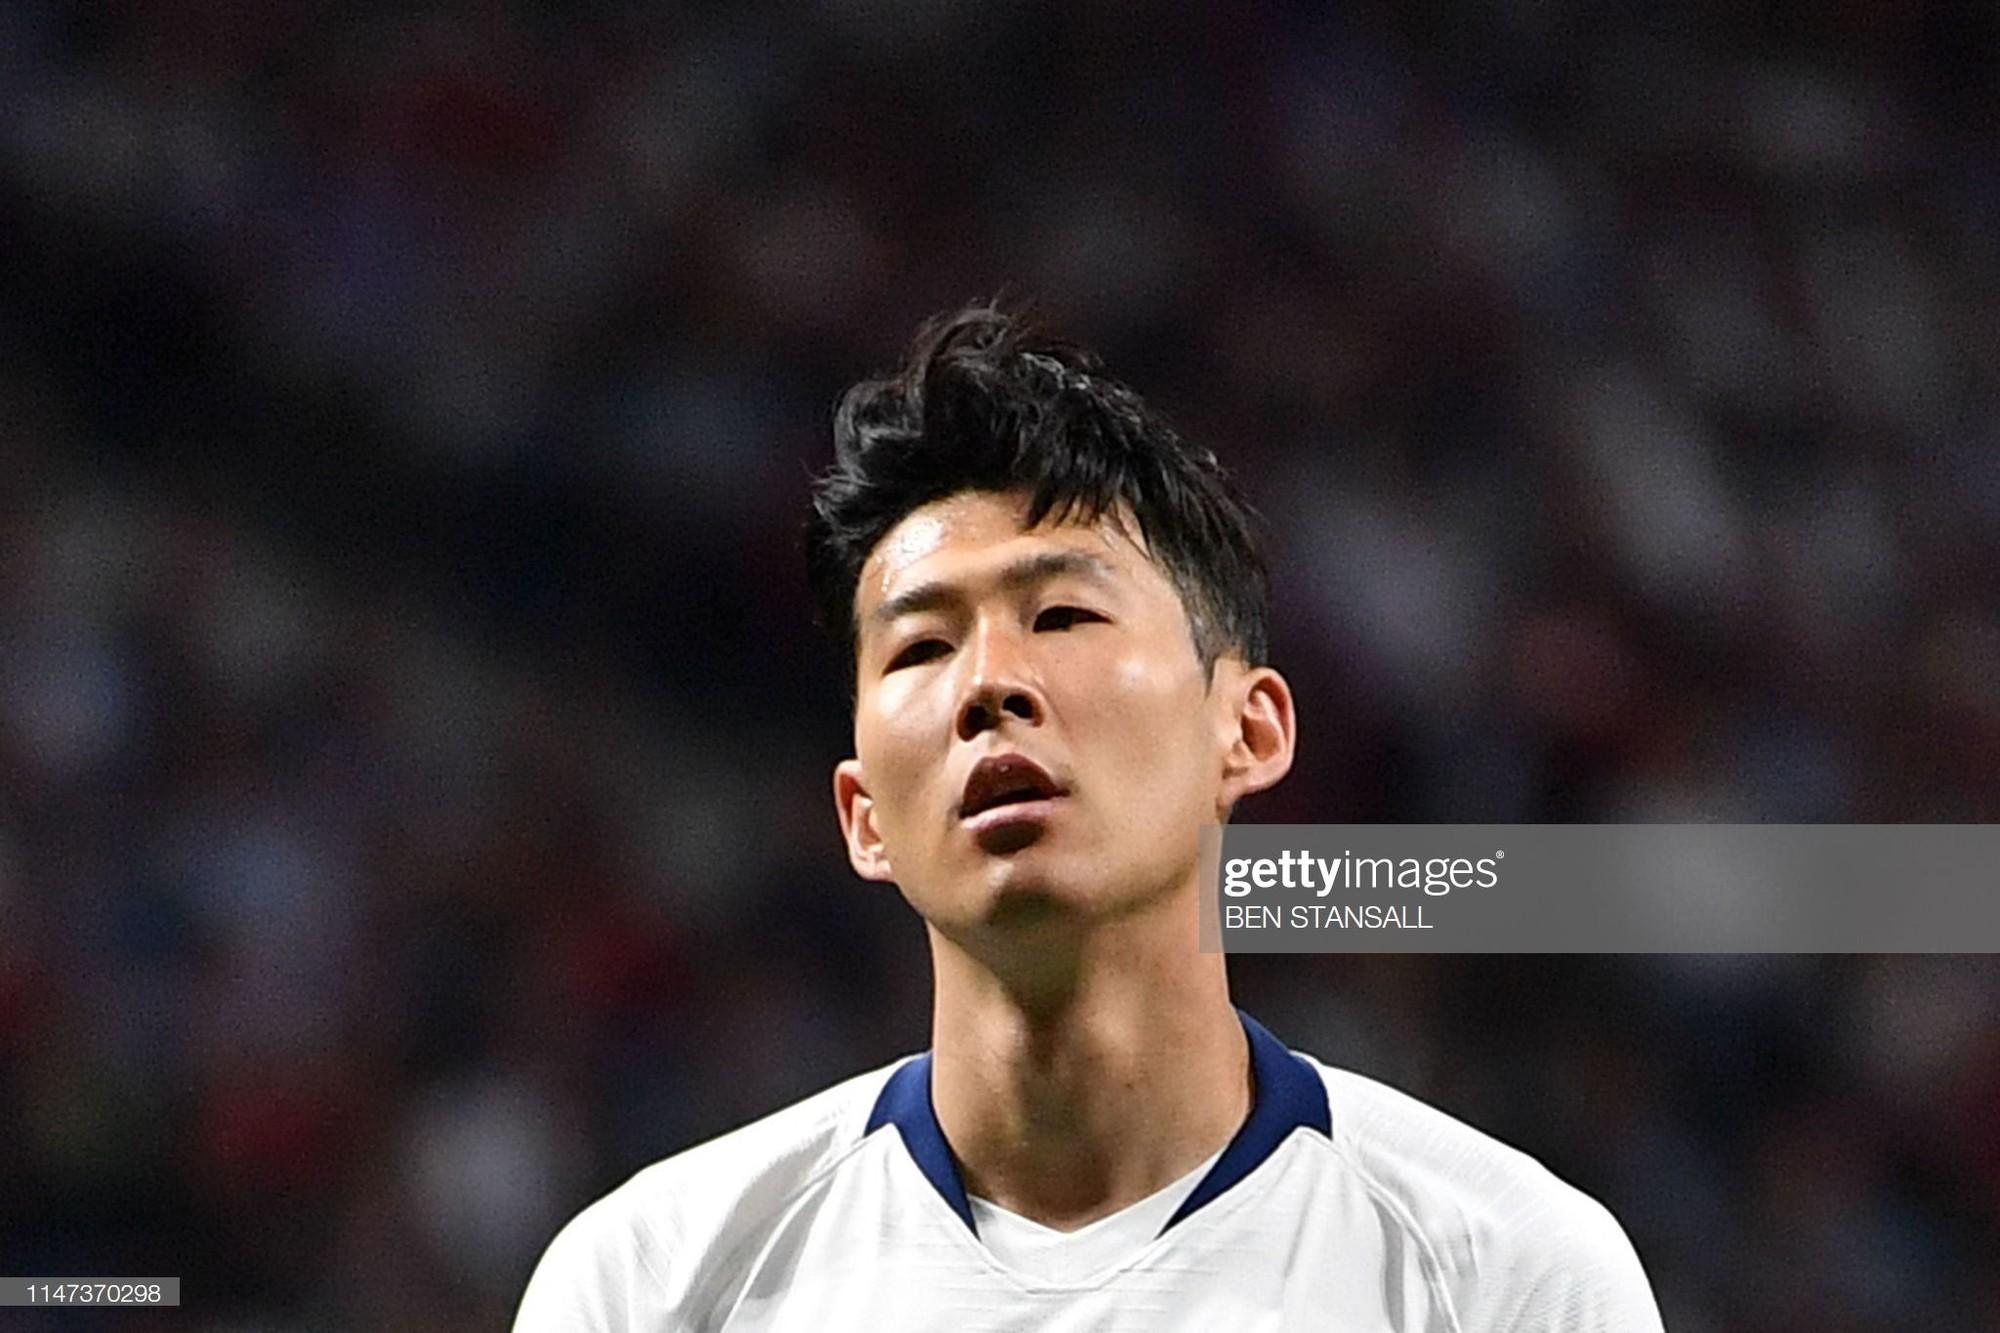 son heung-min - photo 4 15594395185051291268219 - Son Heung-min cùng đồng đội bật khóc nức nở, thất thểu lê bước sau thất bại tại trận đấu quan trọng nhất sự nghiệp